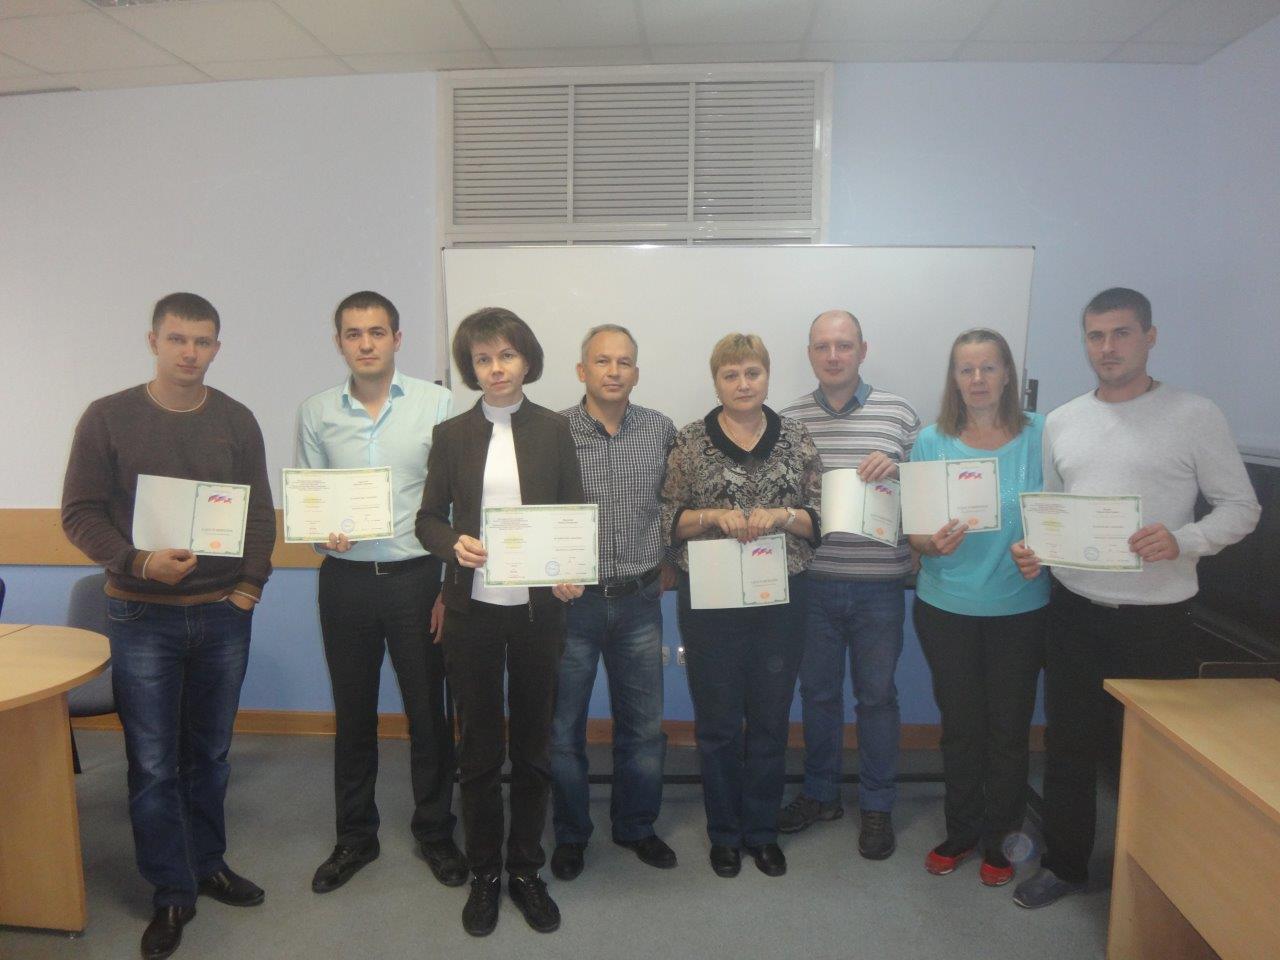 Завершилось обучение по программе повышения квалификации «Специалист по доступной среде»